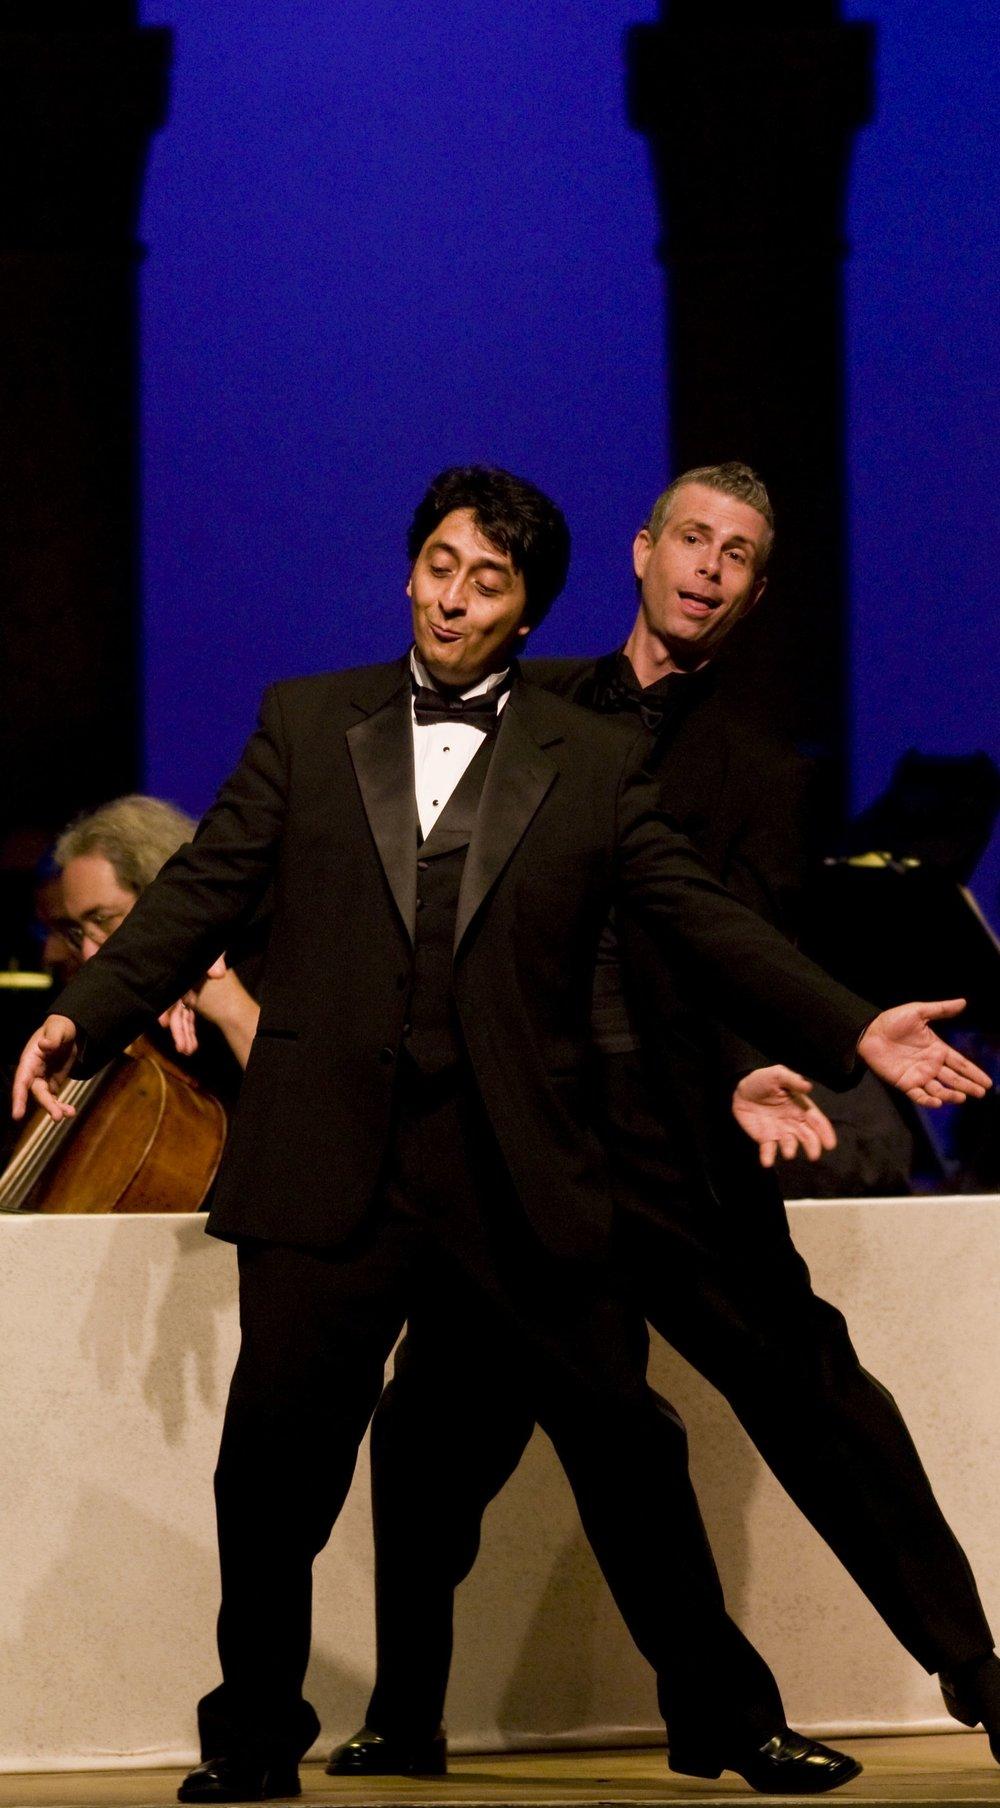 Ricardo Herrera and Daniel Mobbs in Il barbiere di Siviglia at Caramoor photo © Gabe Palacio